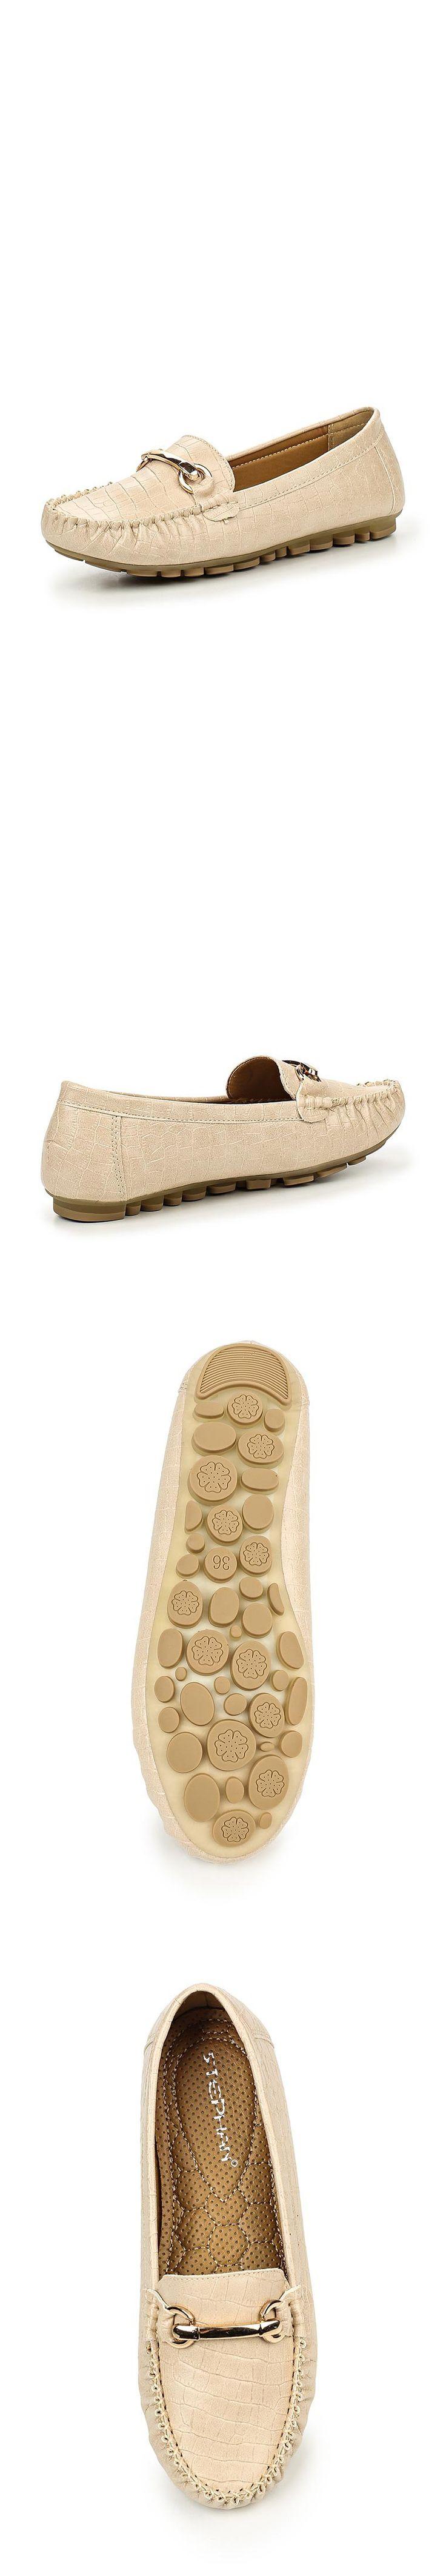 Женская обувь мокасины Stephan за 1370.00 руб.